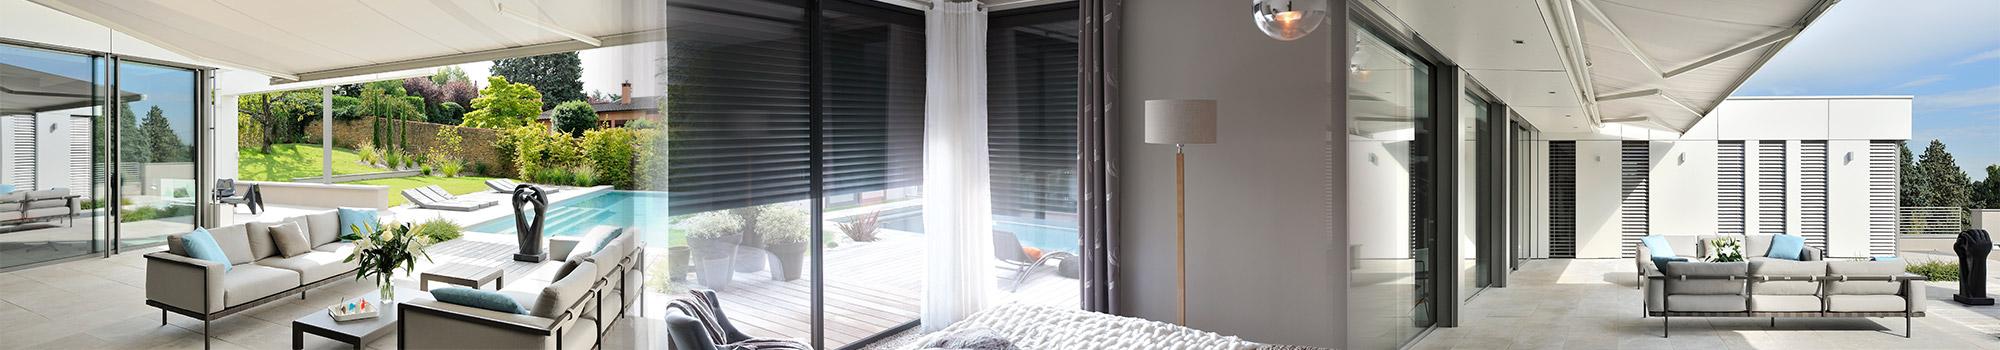 pose de volets et stores int rieurs et ext rieurs dans le 33 amf. Black Bedroom Furniture Sets. Home Design Ideas